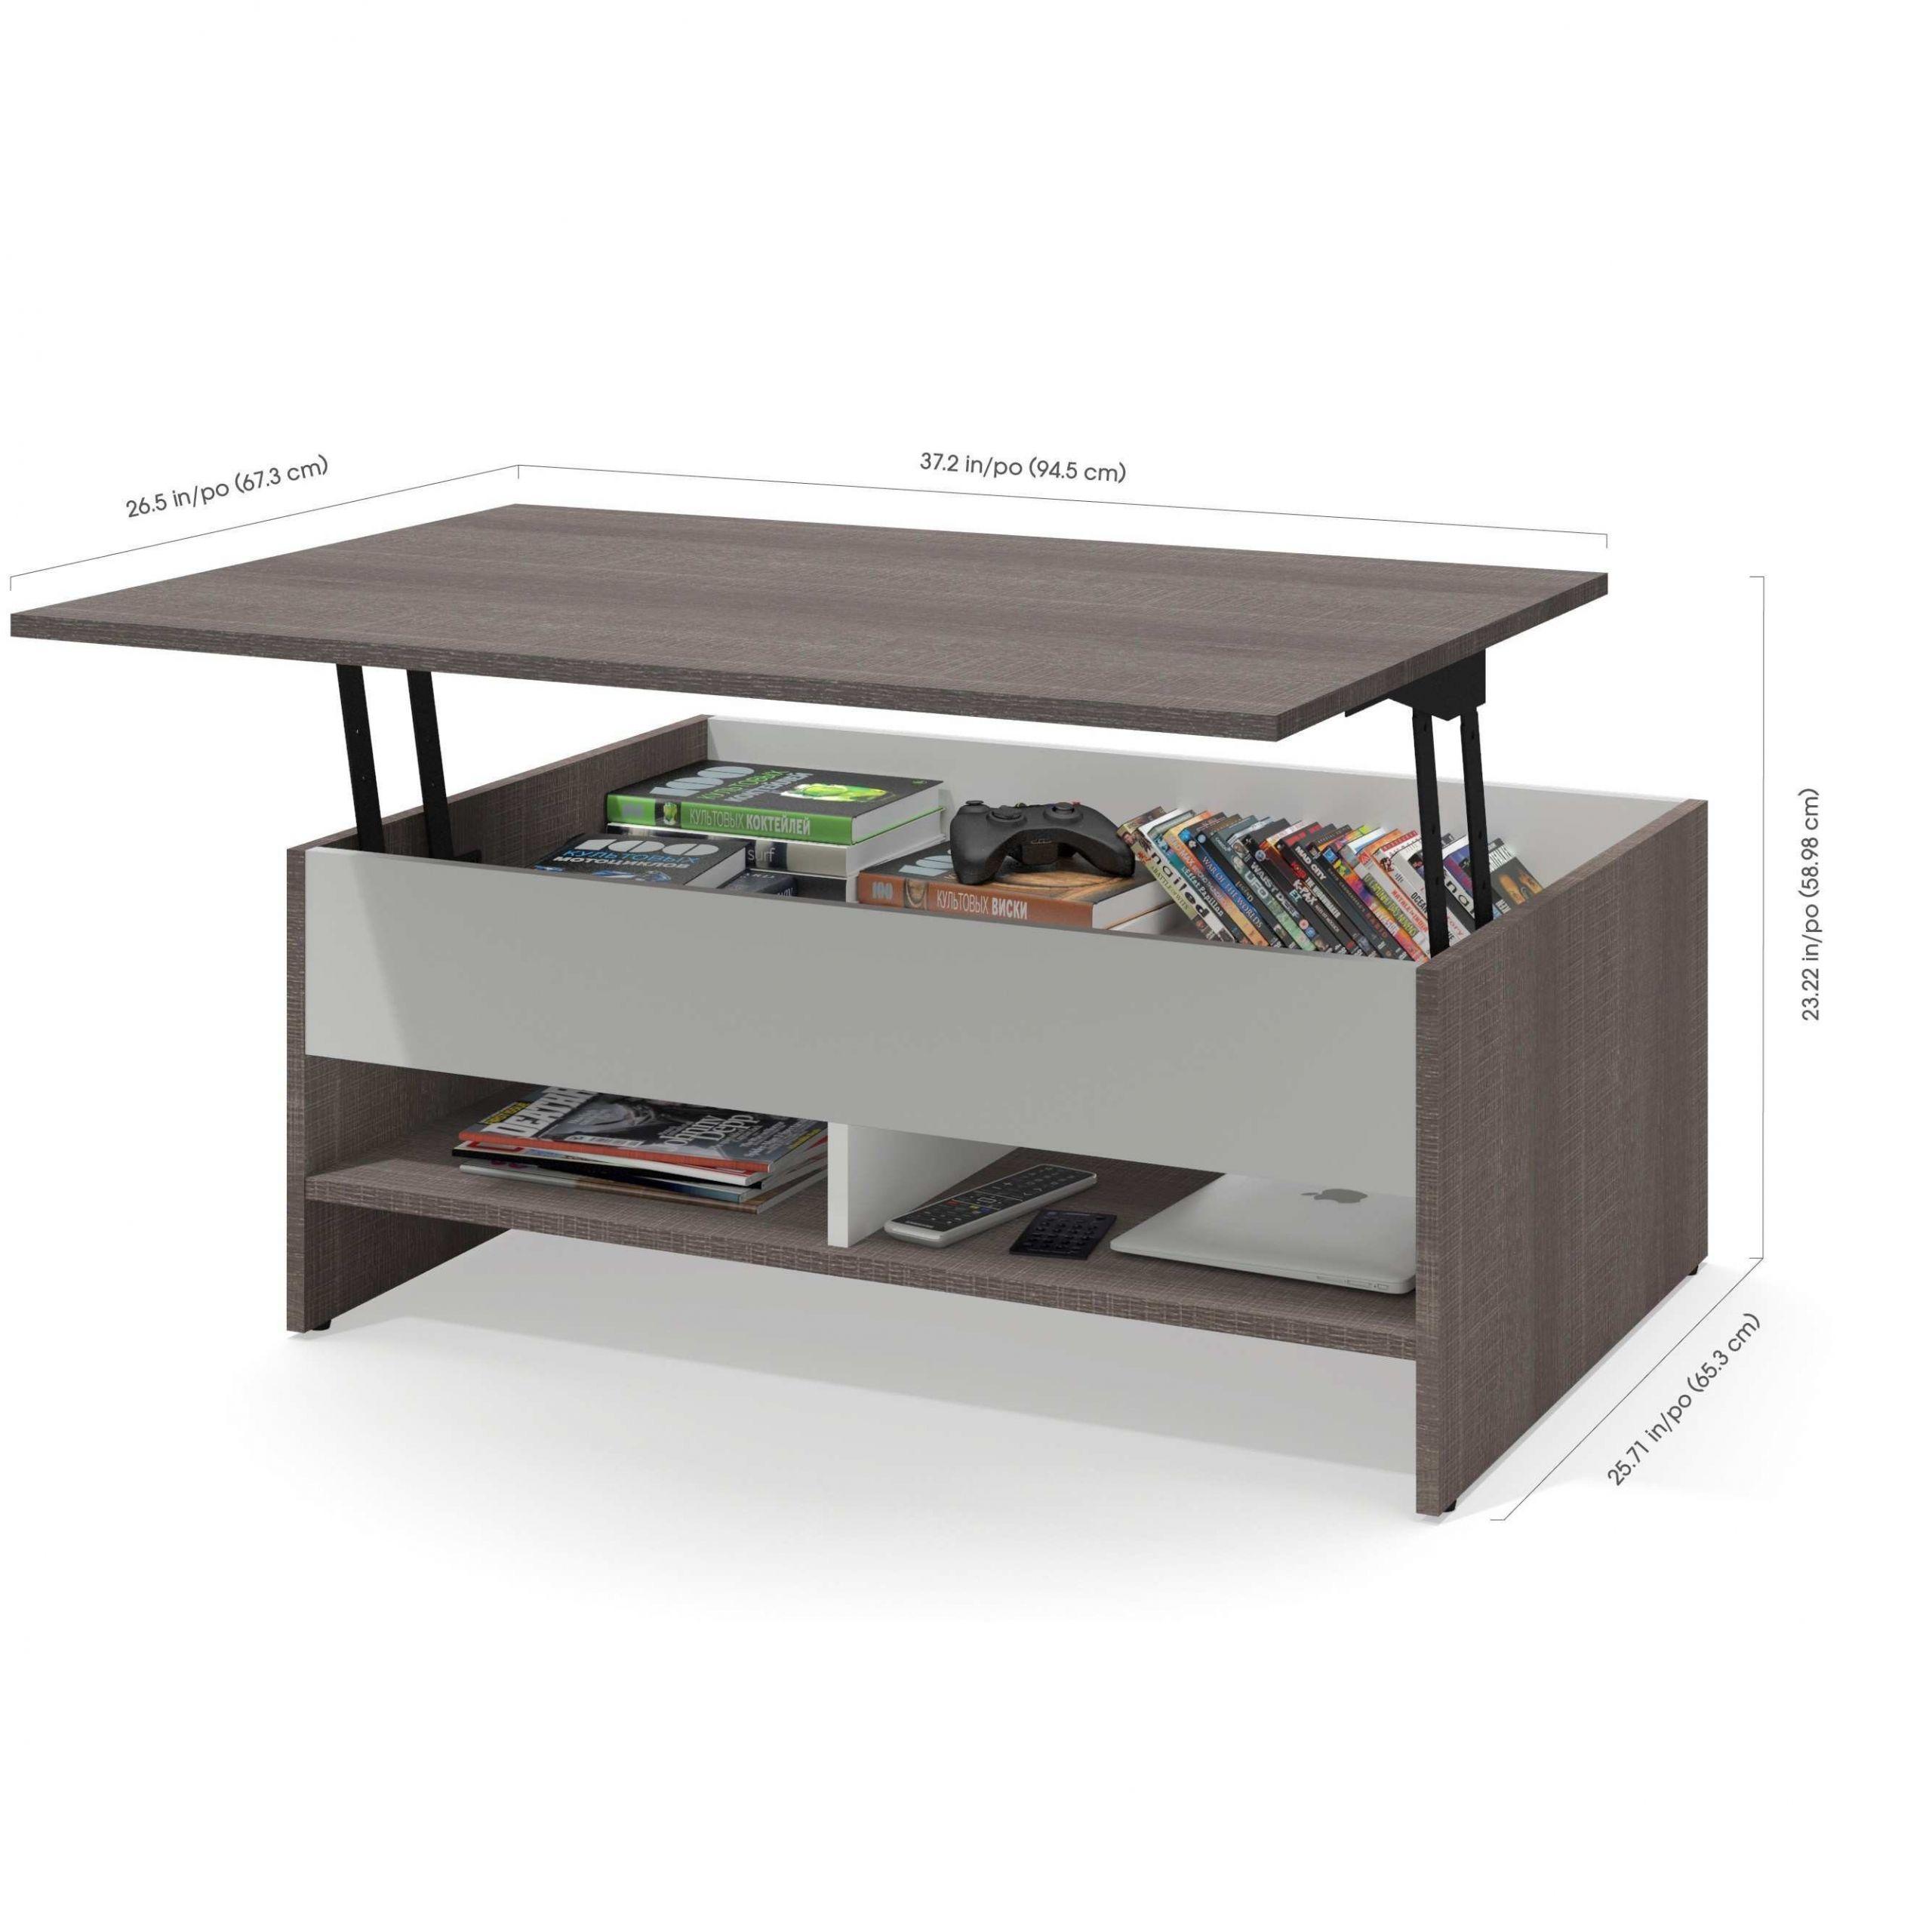 meuble a langer pas cher 58 concept ikea matelas a langer of meuble a langer pas cher 1